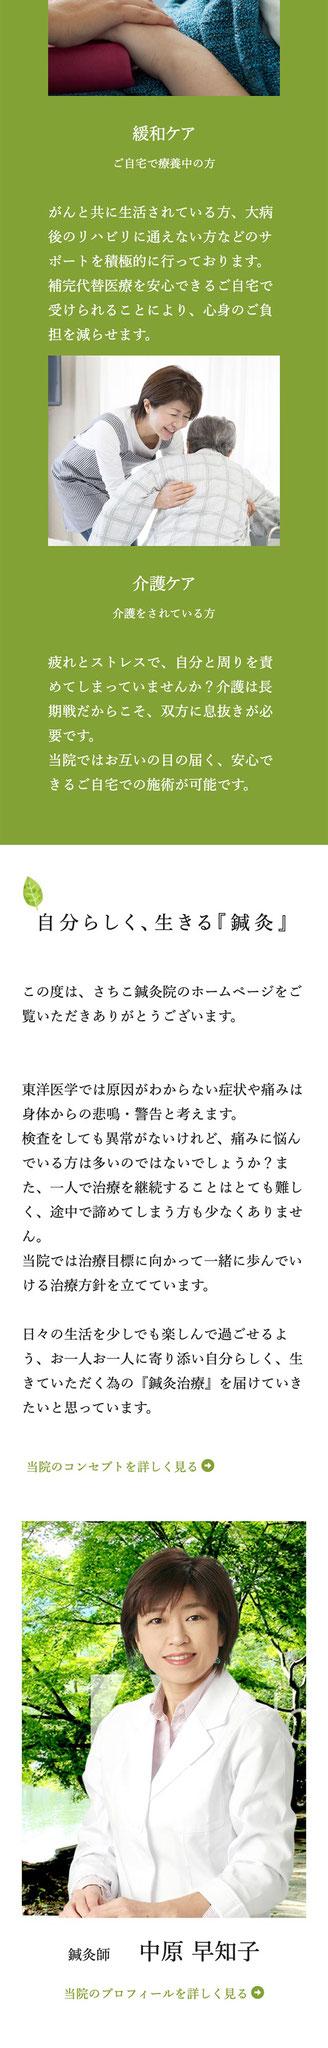 トップページのモバイル表示3